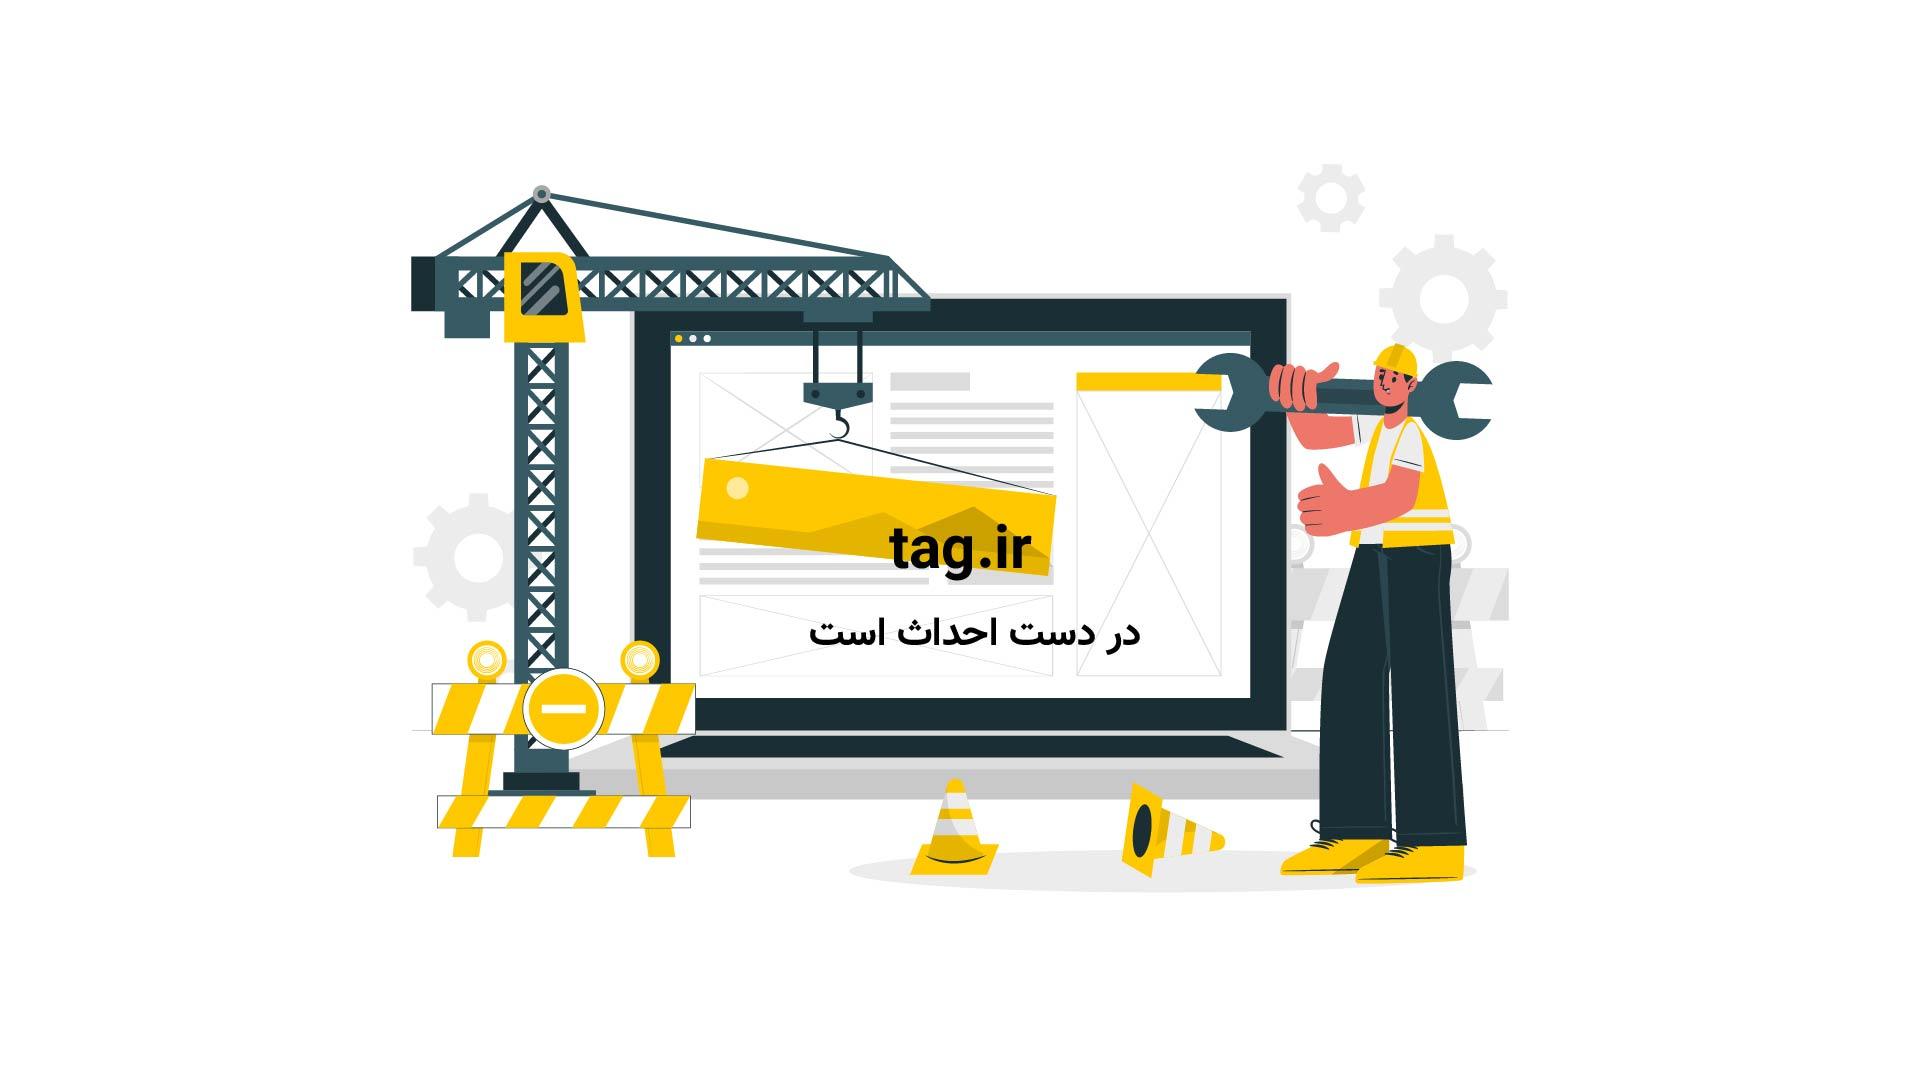 فیلم سخنان دکتر حسن روحانی در خصوص تحریم ها و تروریسم